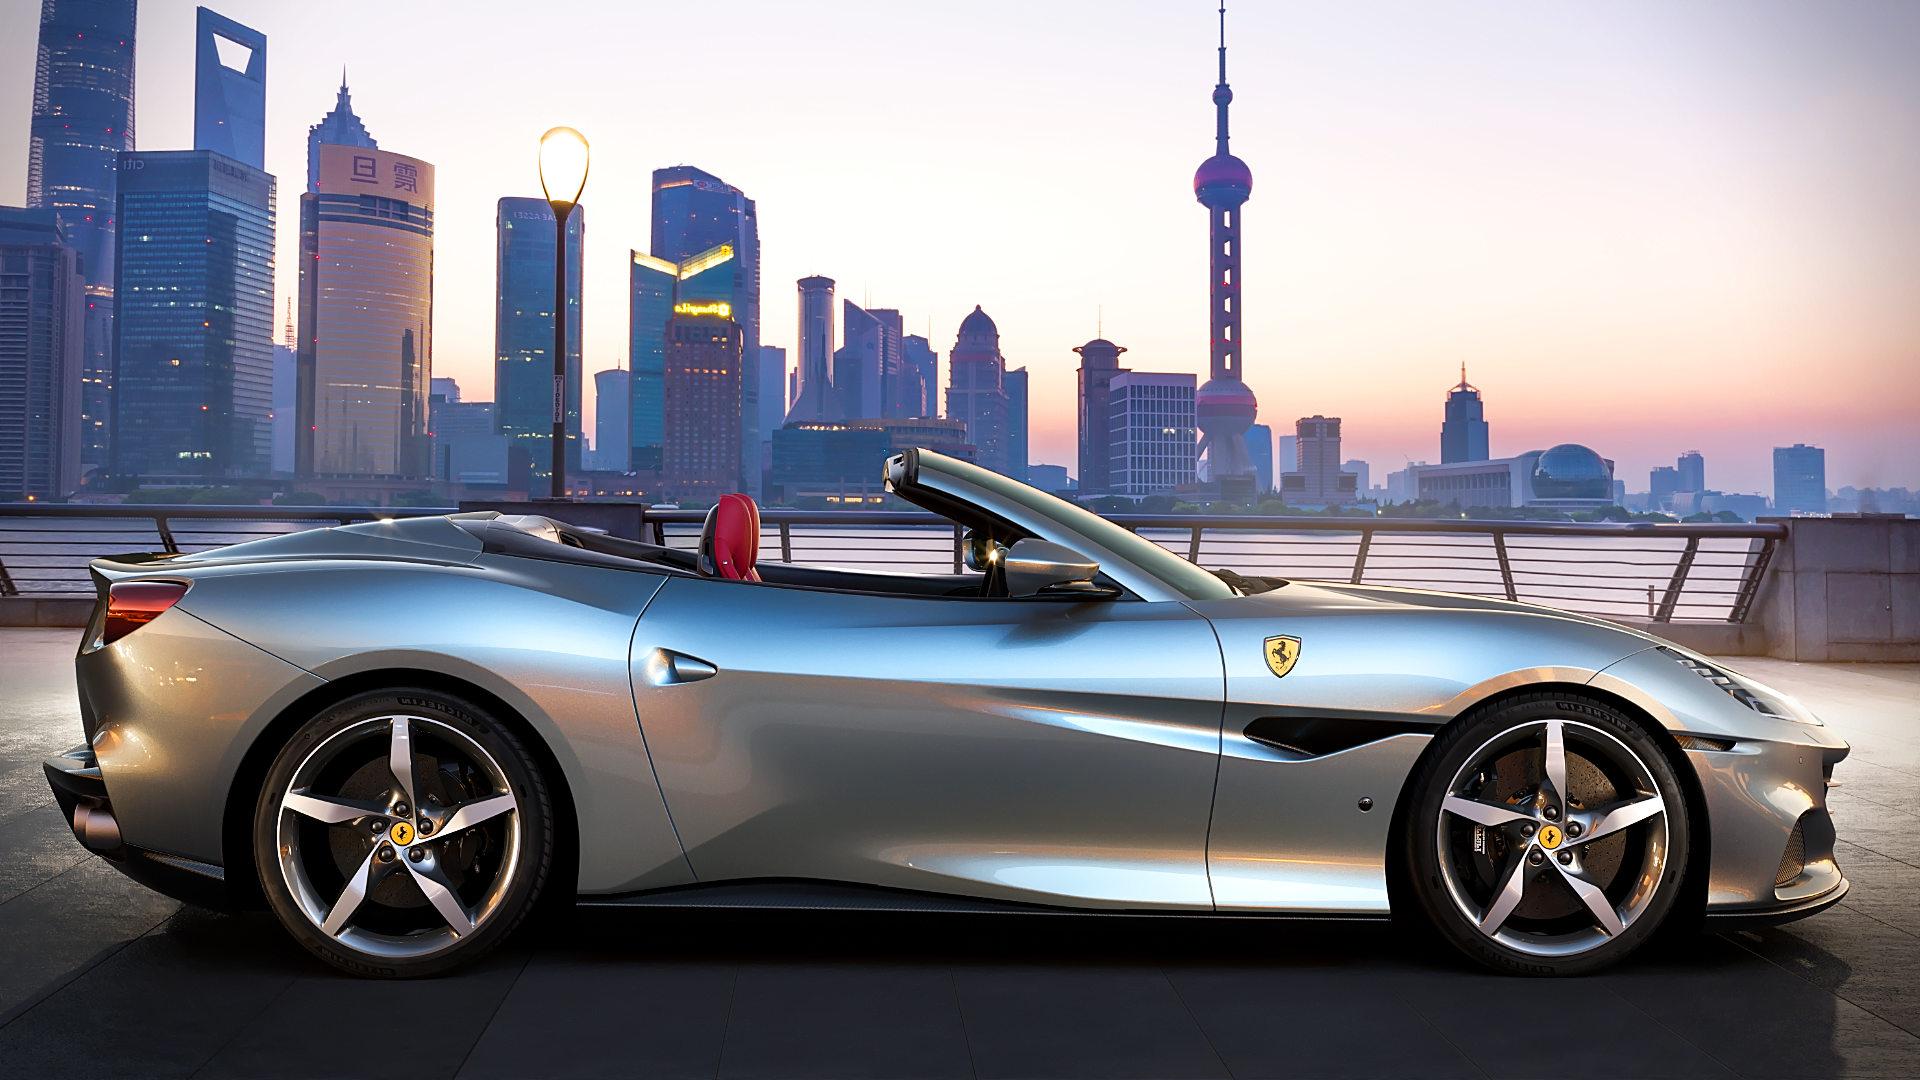 2021 Ferrari Portofino Wallpaper